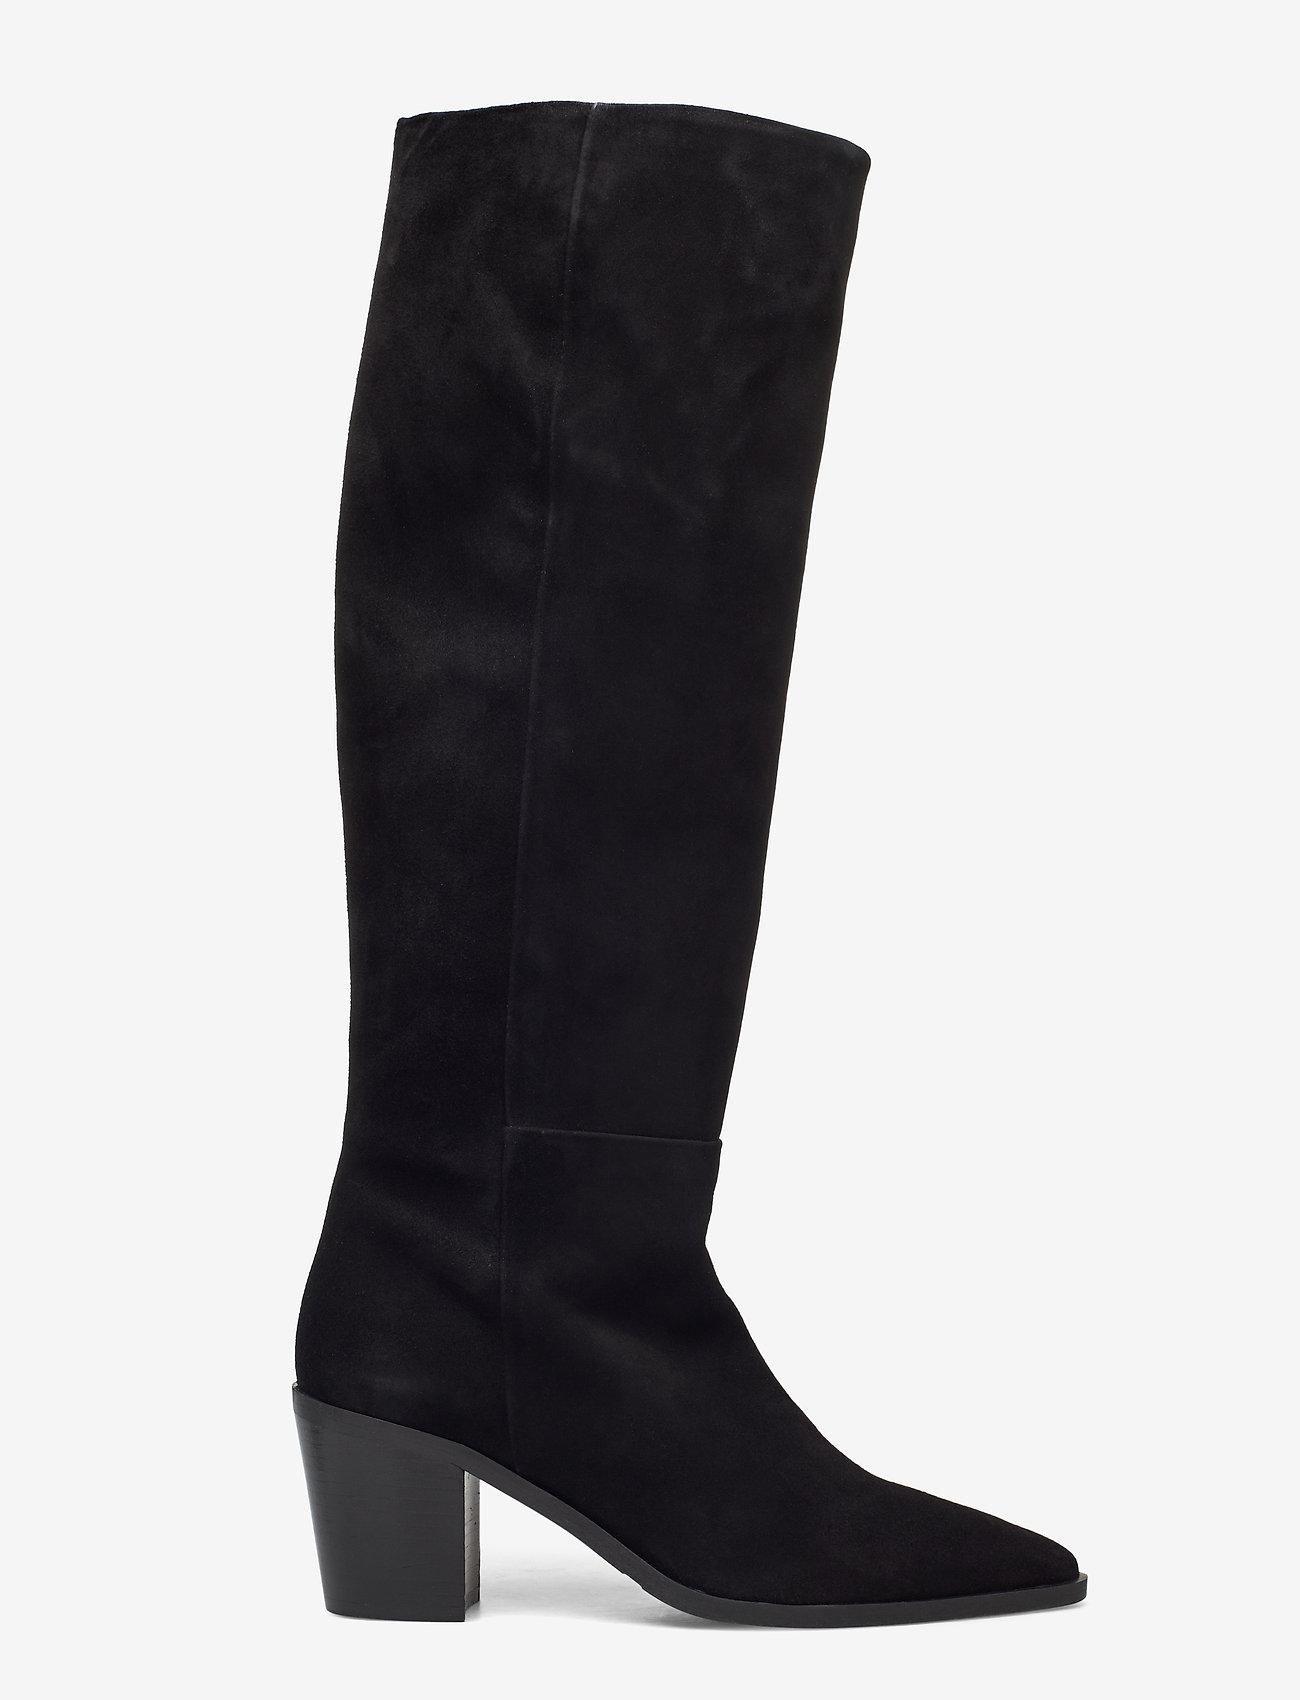 Billi Bi - Boots 4945 - lange laarzen - black suede 50 - 1